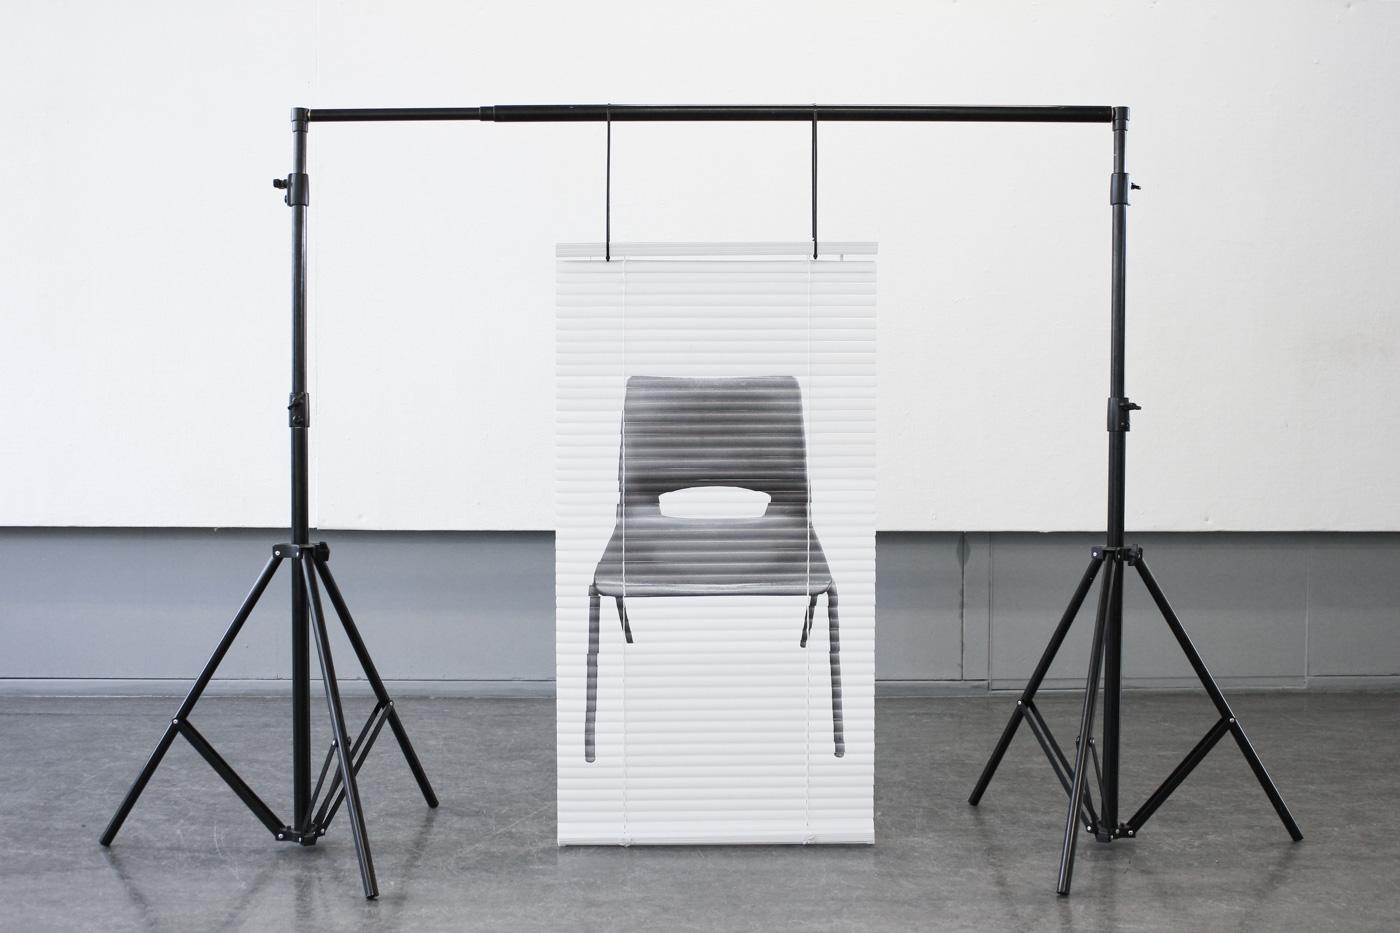 Chair, 2019